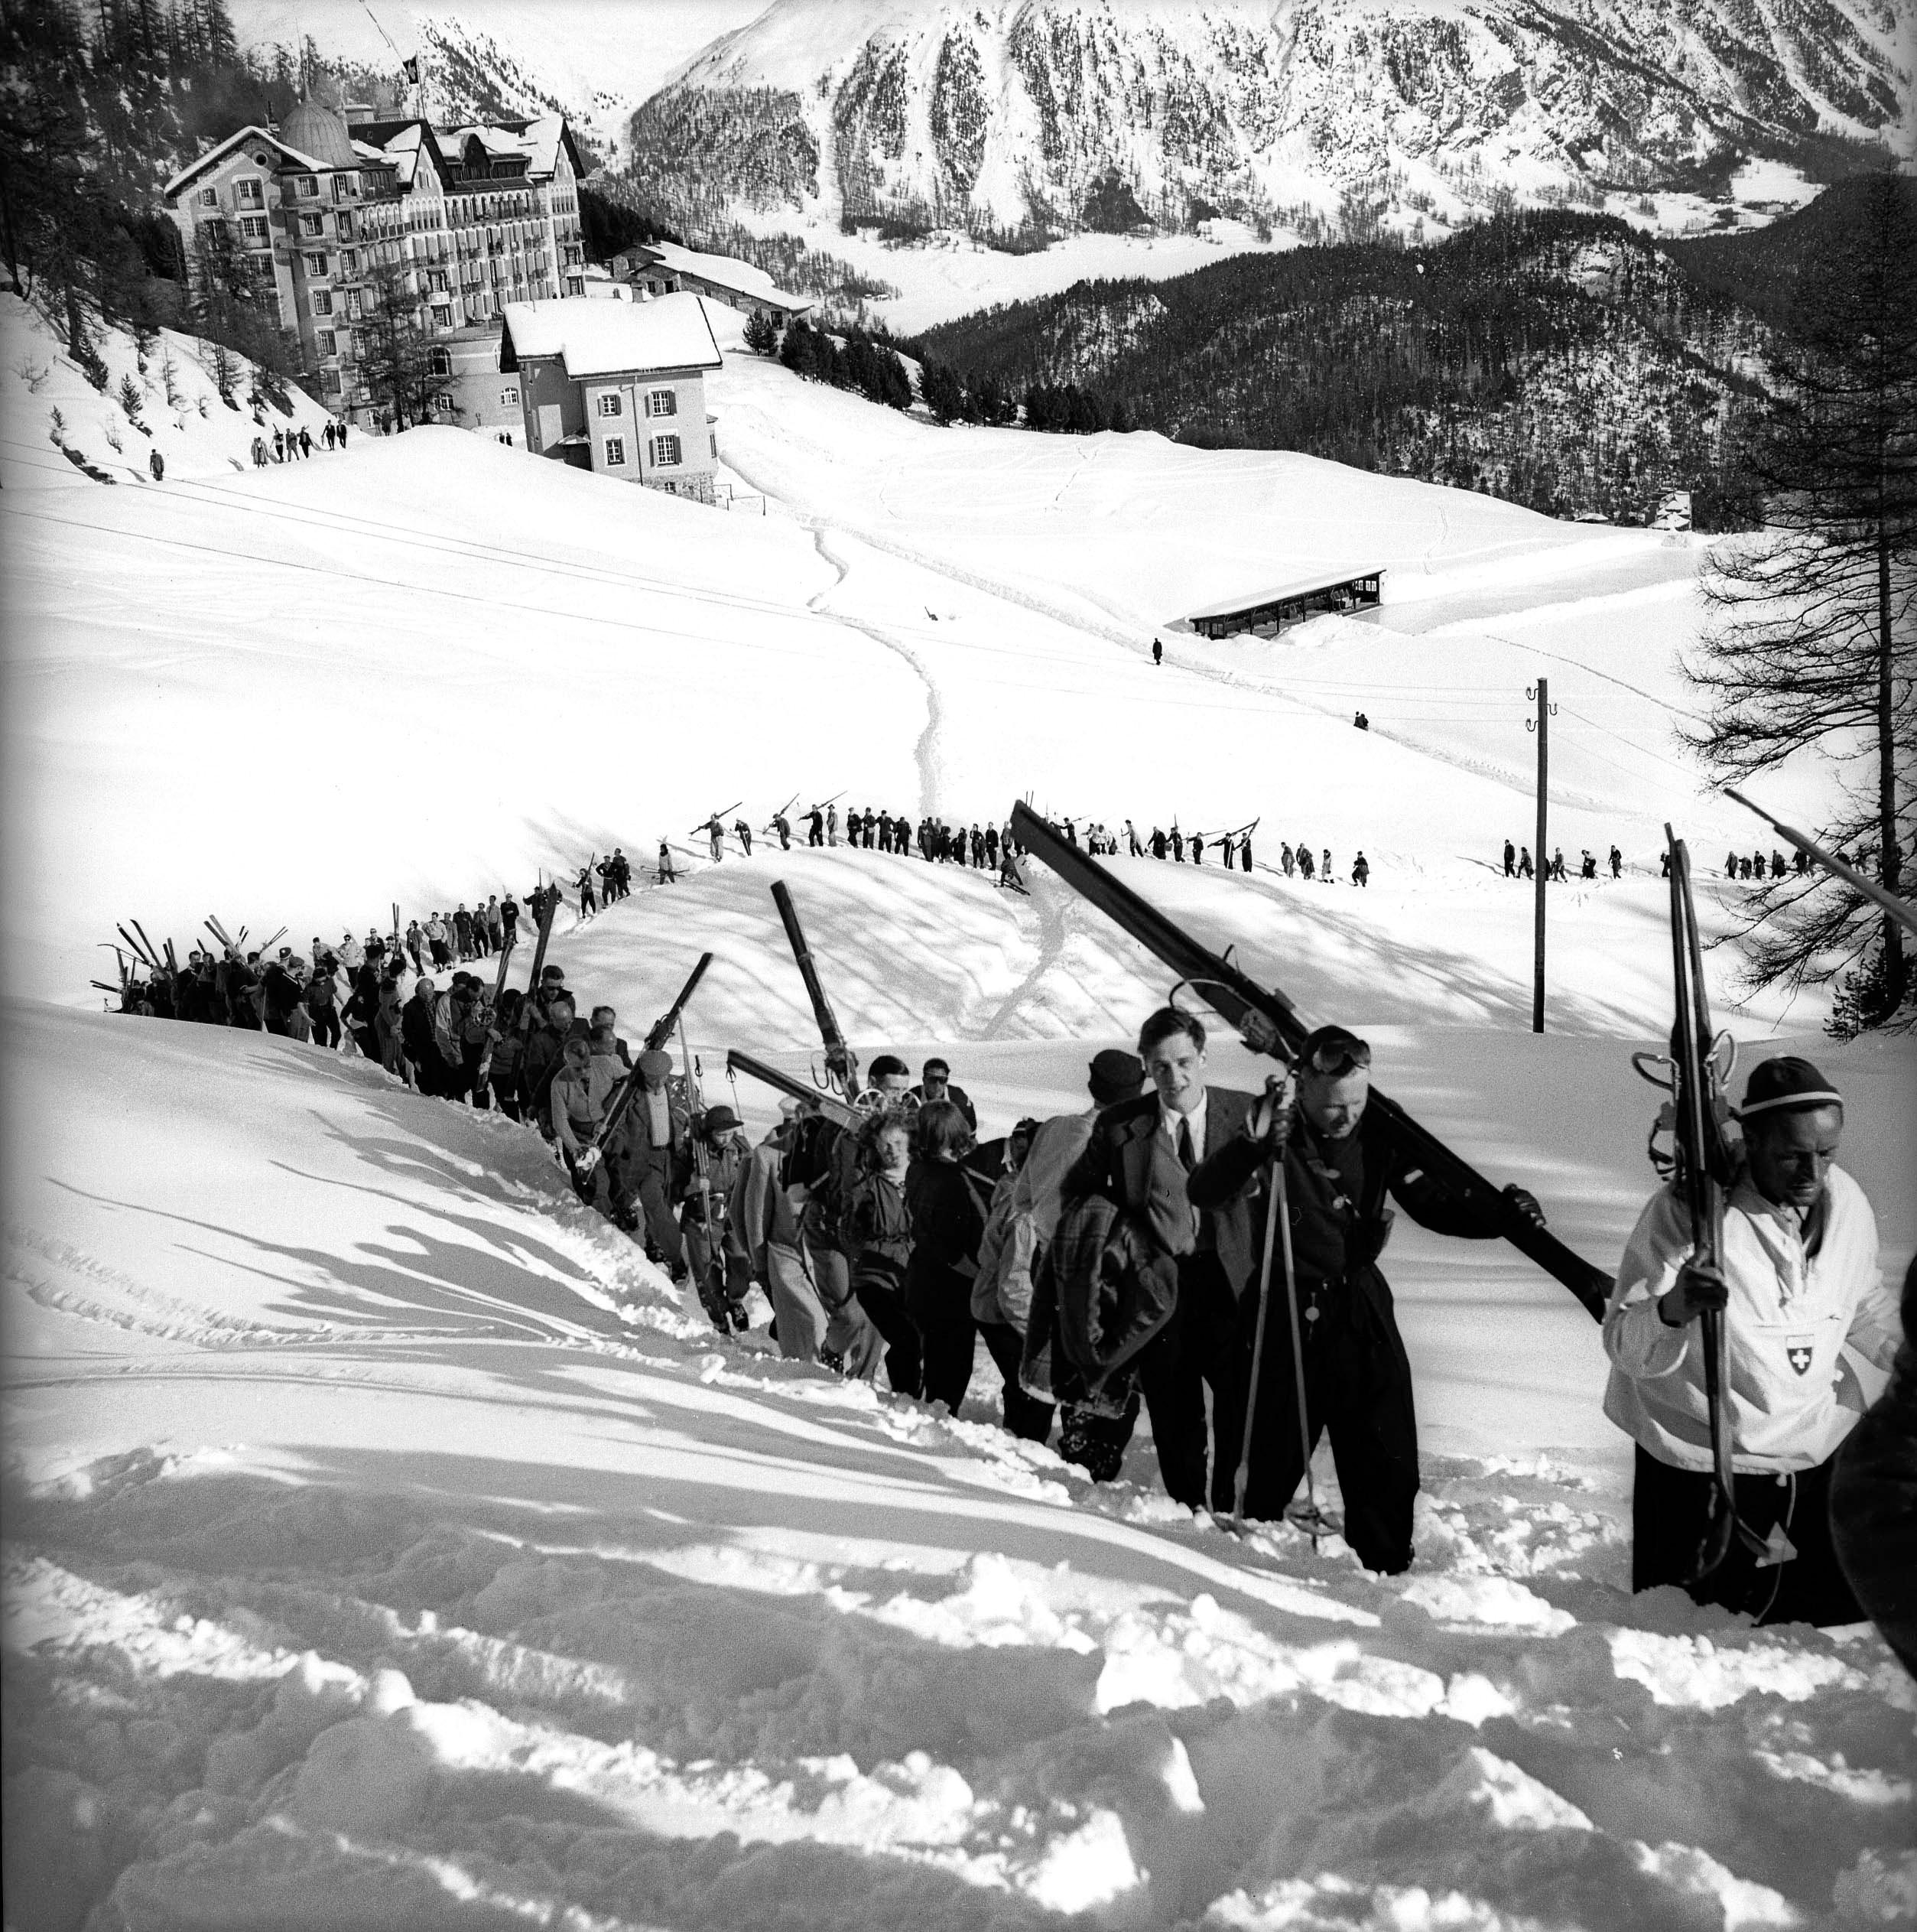 Le public s'est déplacé en masse pour assister aux compétitions de ski alpin.